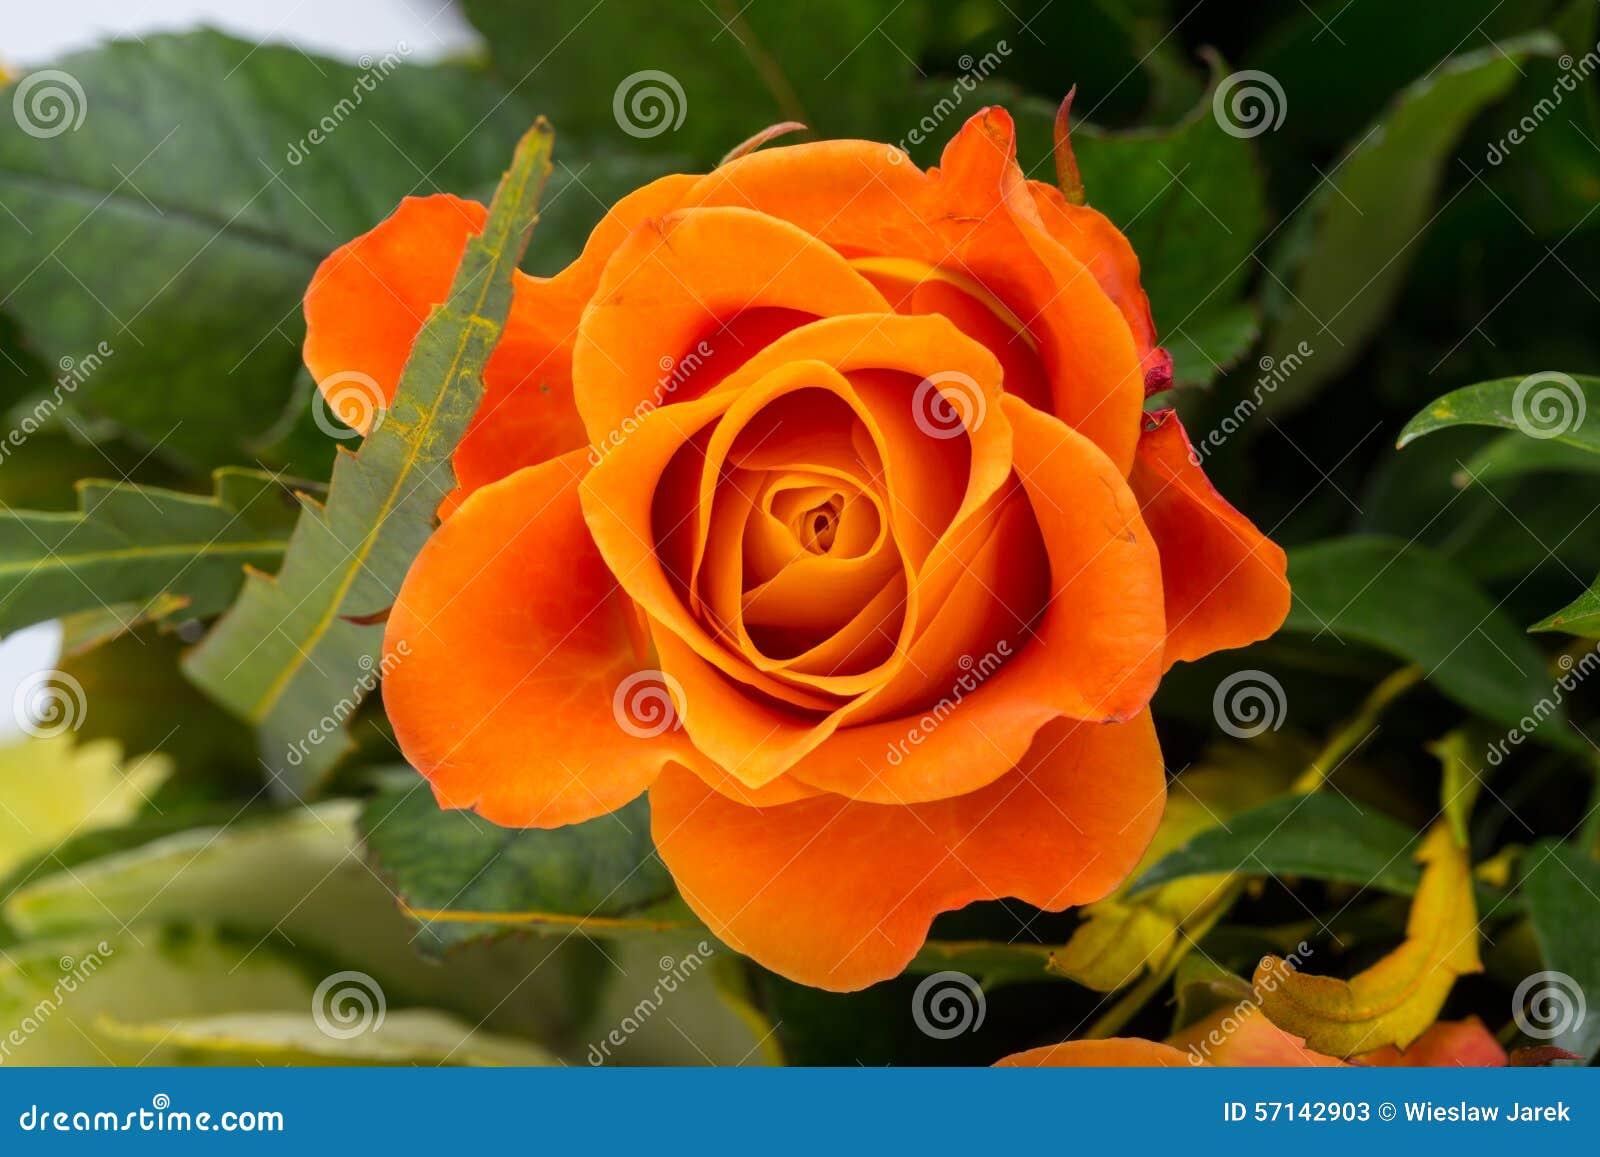 The orange rose